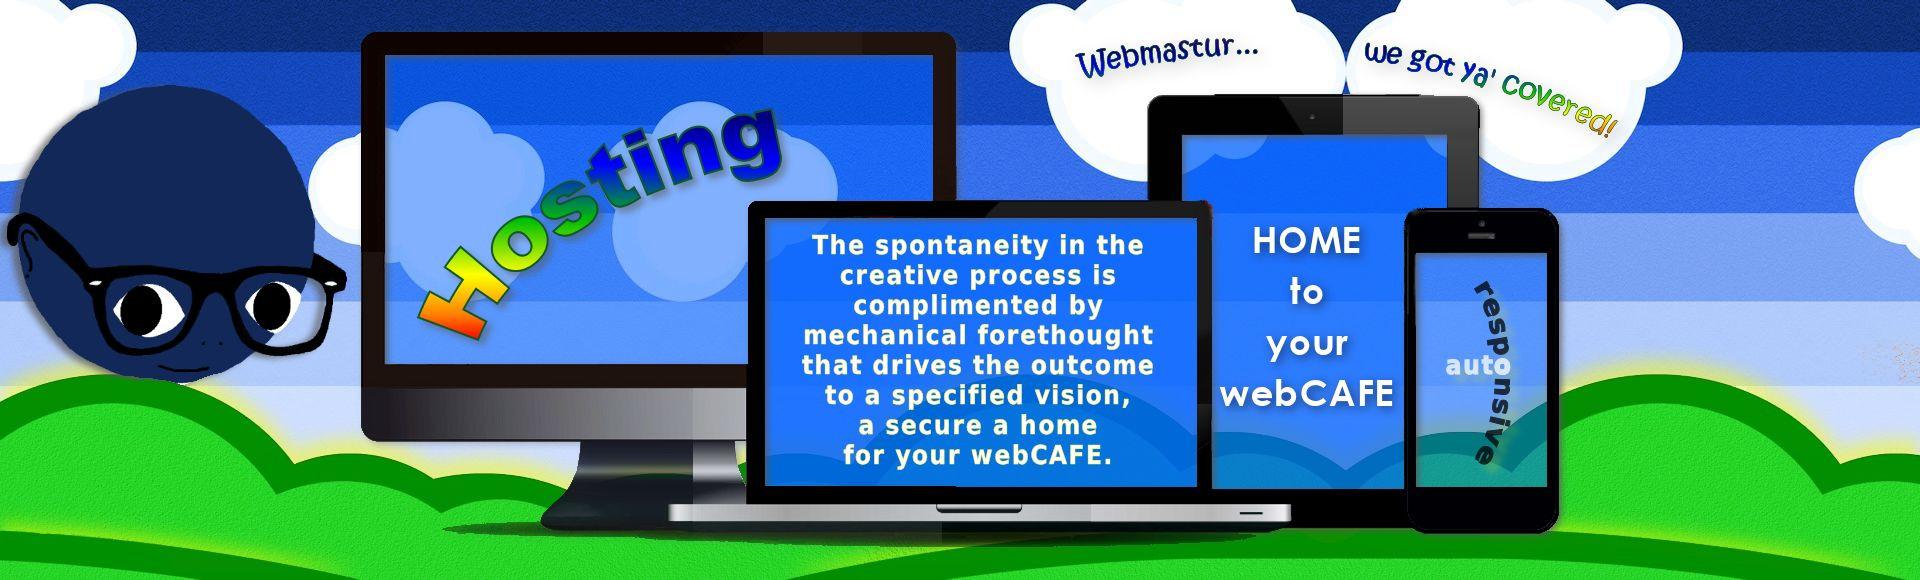 webmastur slides 3 hosting